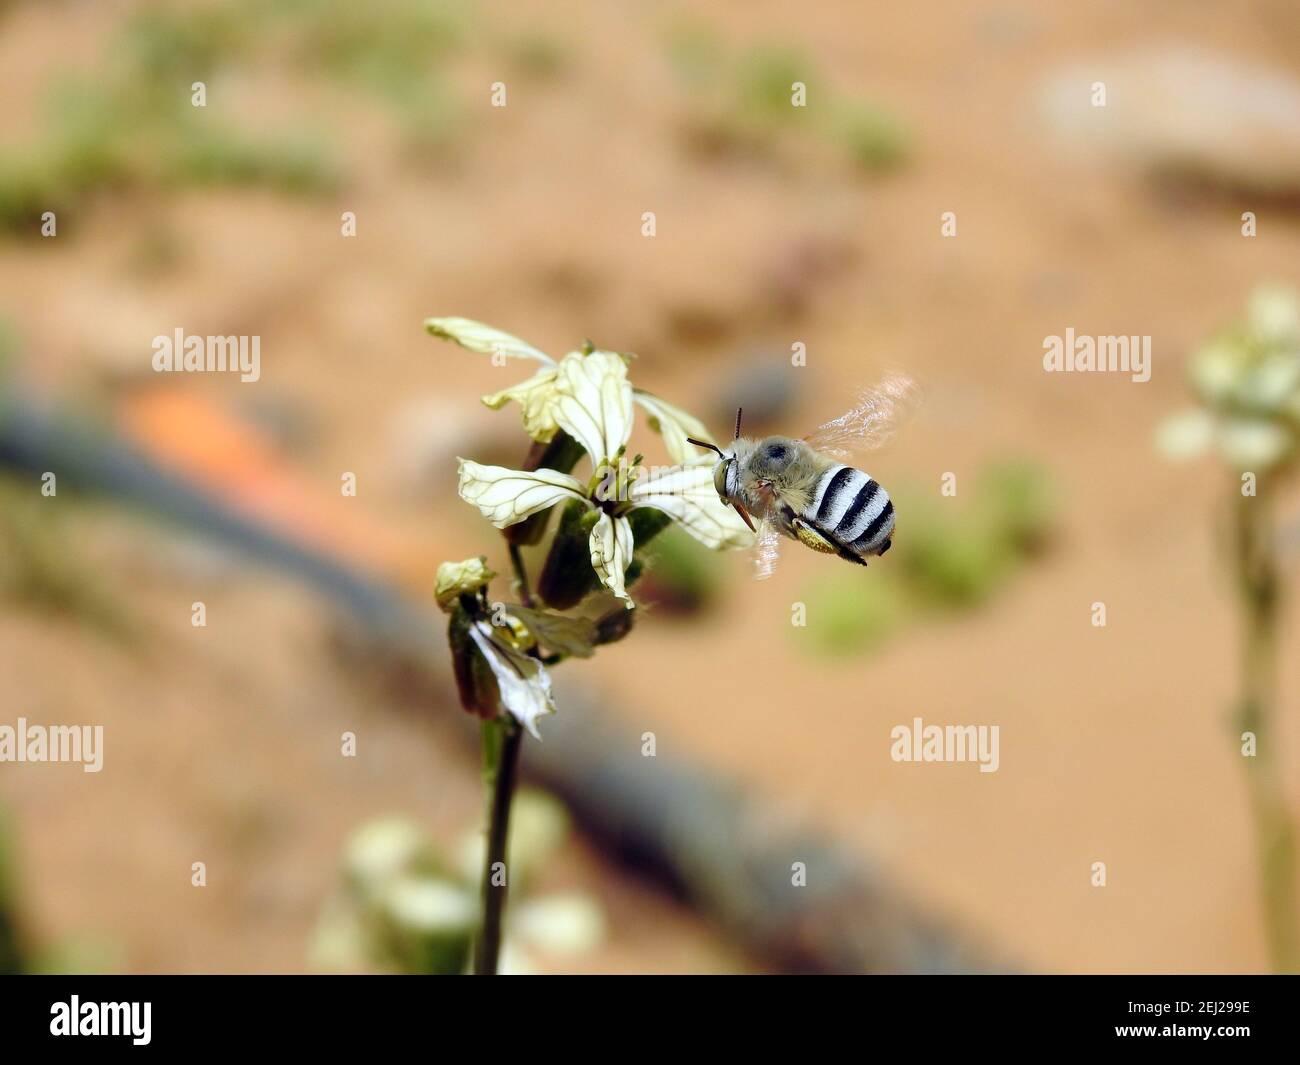 Una pequeña abeja voladora alrededor de una flor de arúgula, consumiendo el néctar de una flor Foto de stock